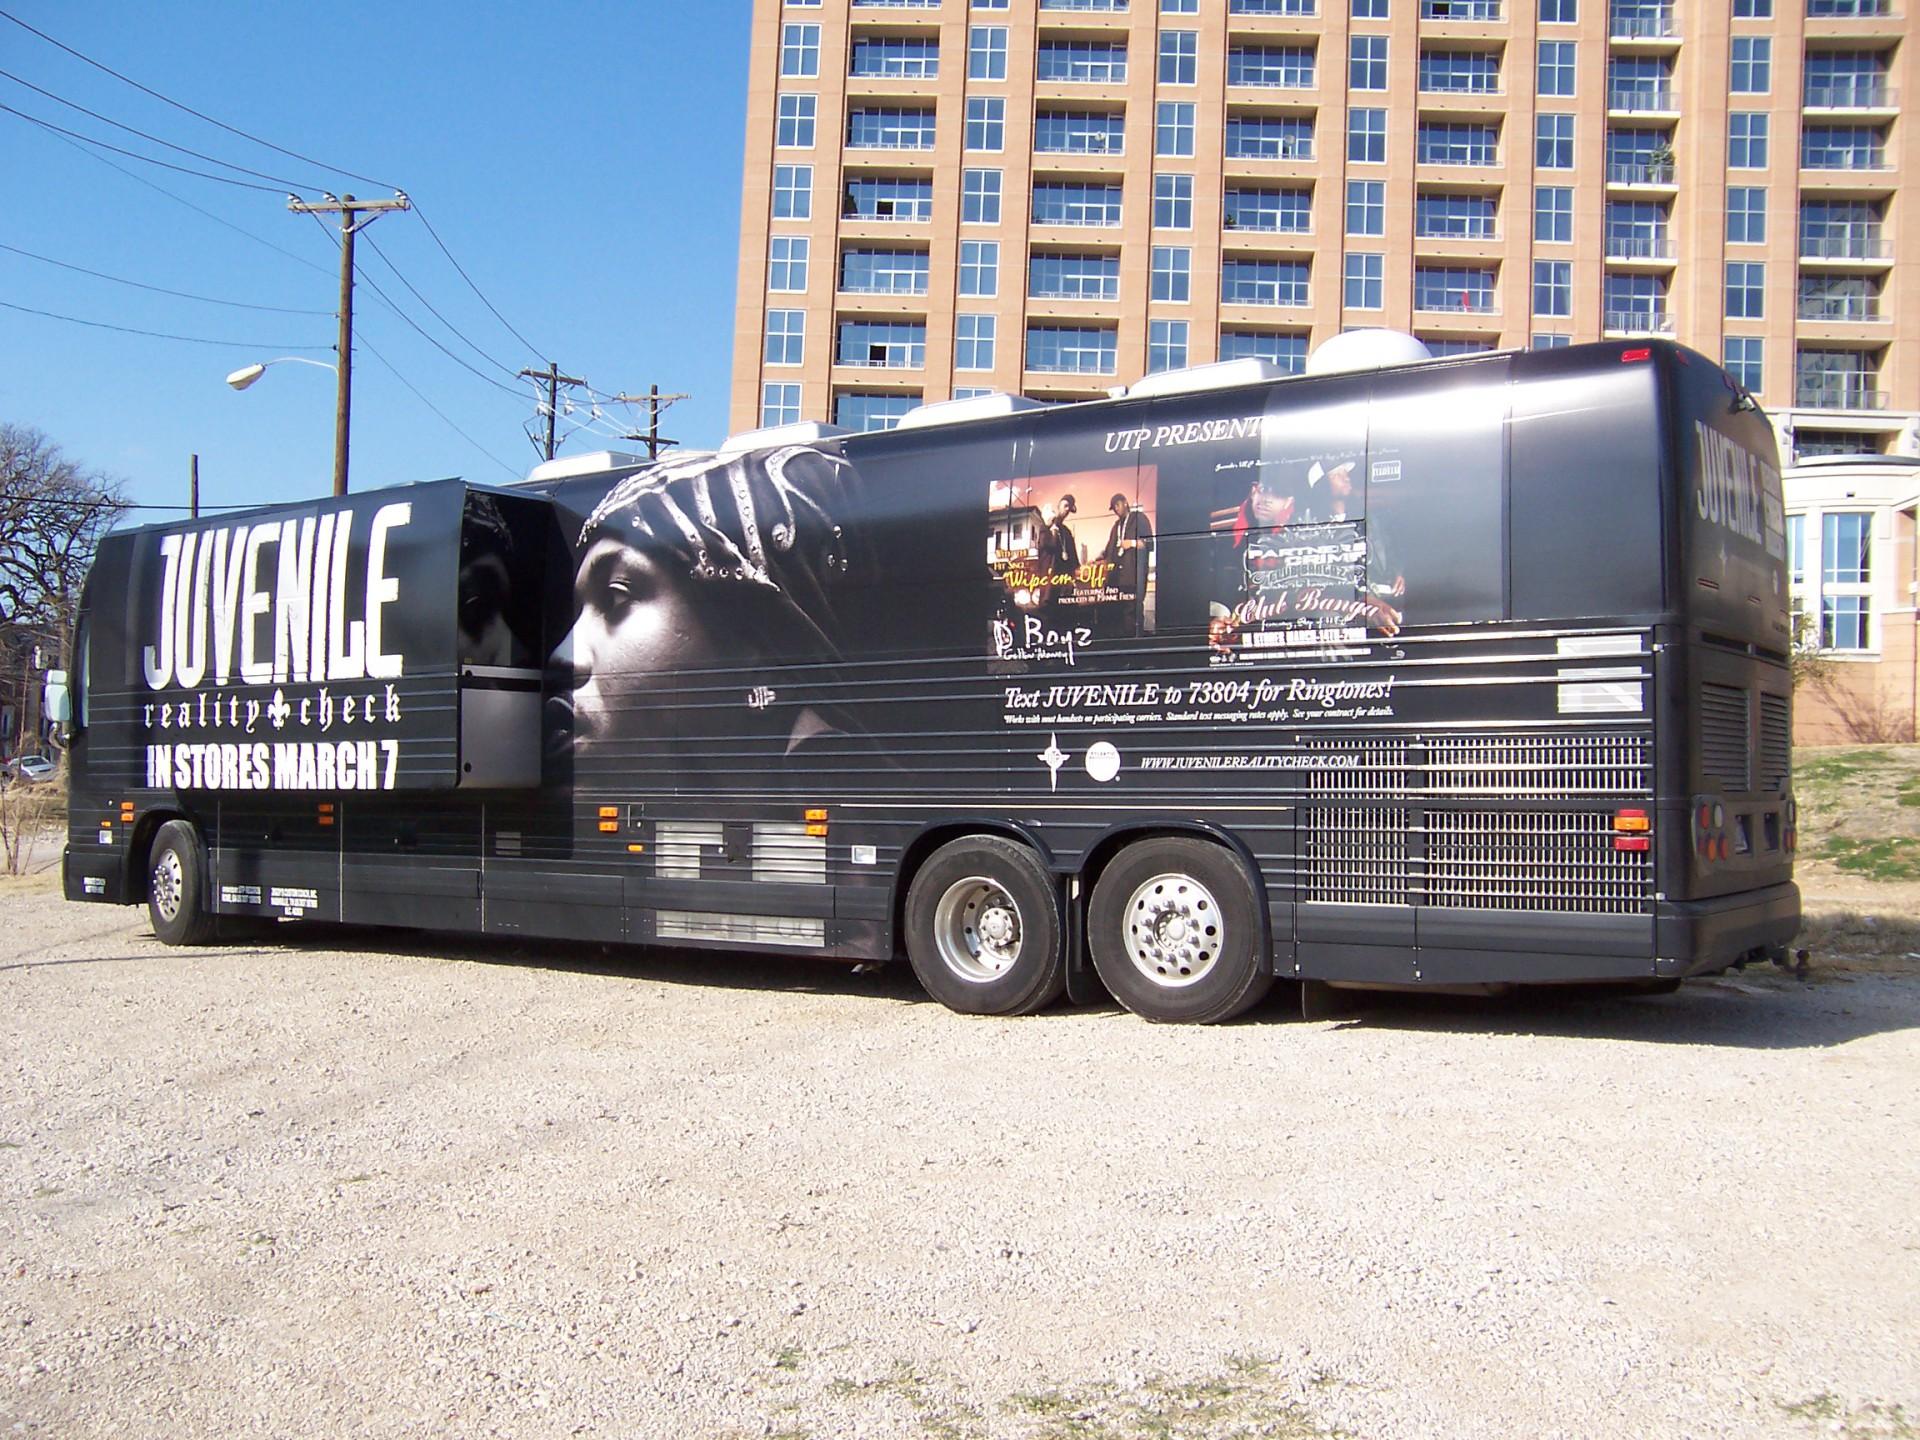 Juvenile Tour Bus